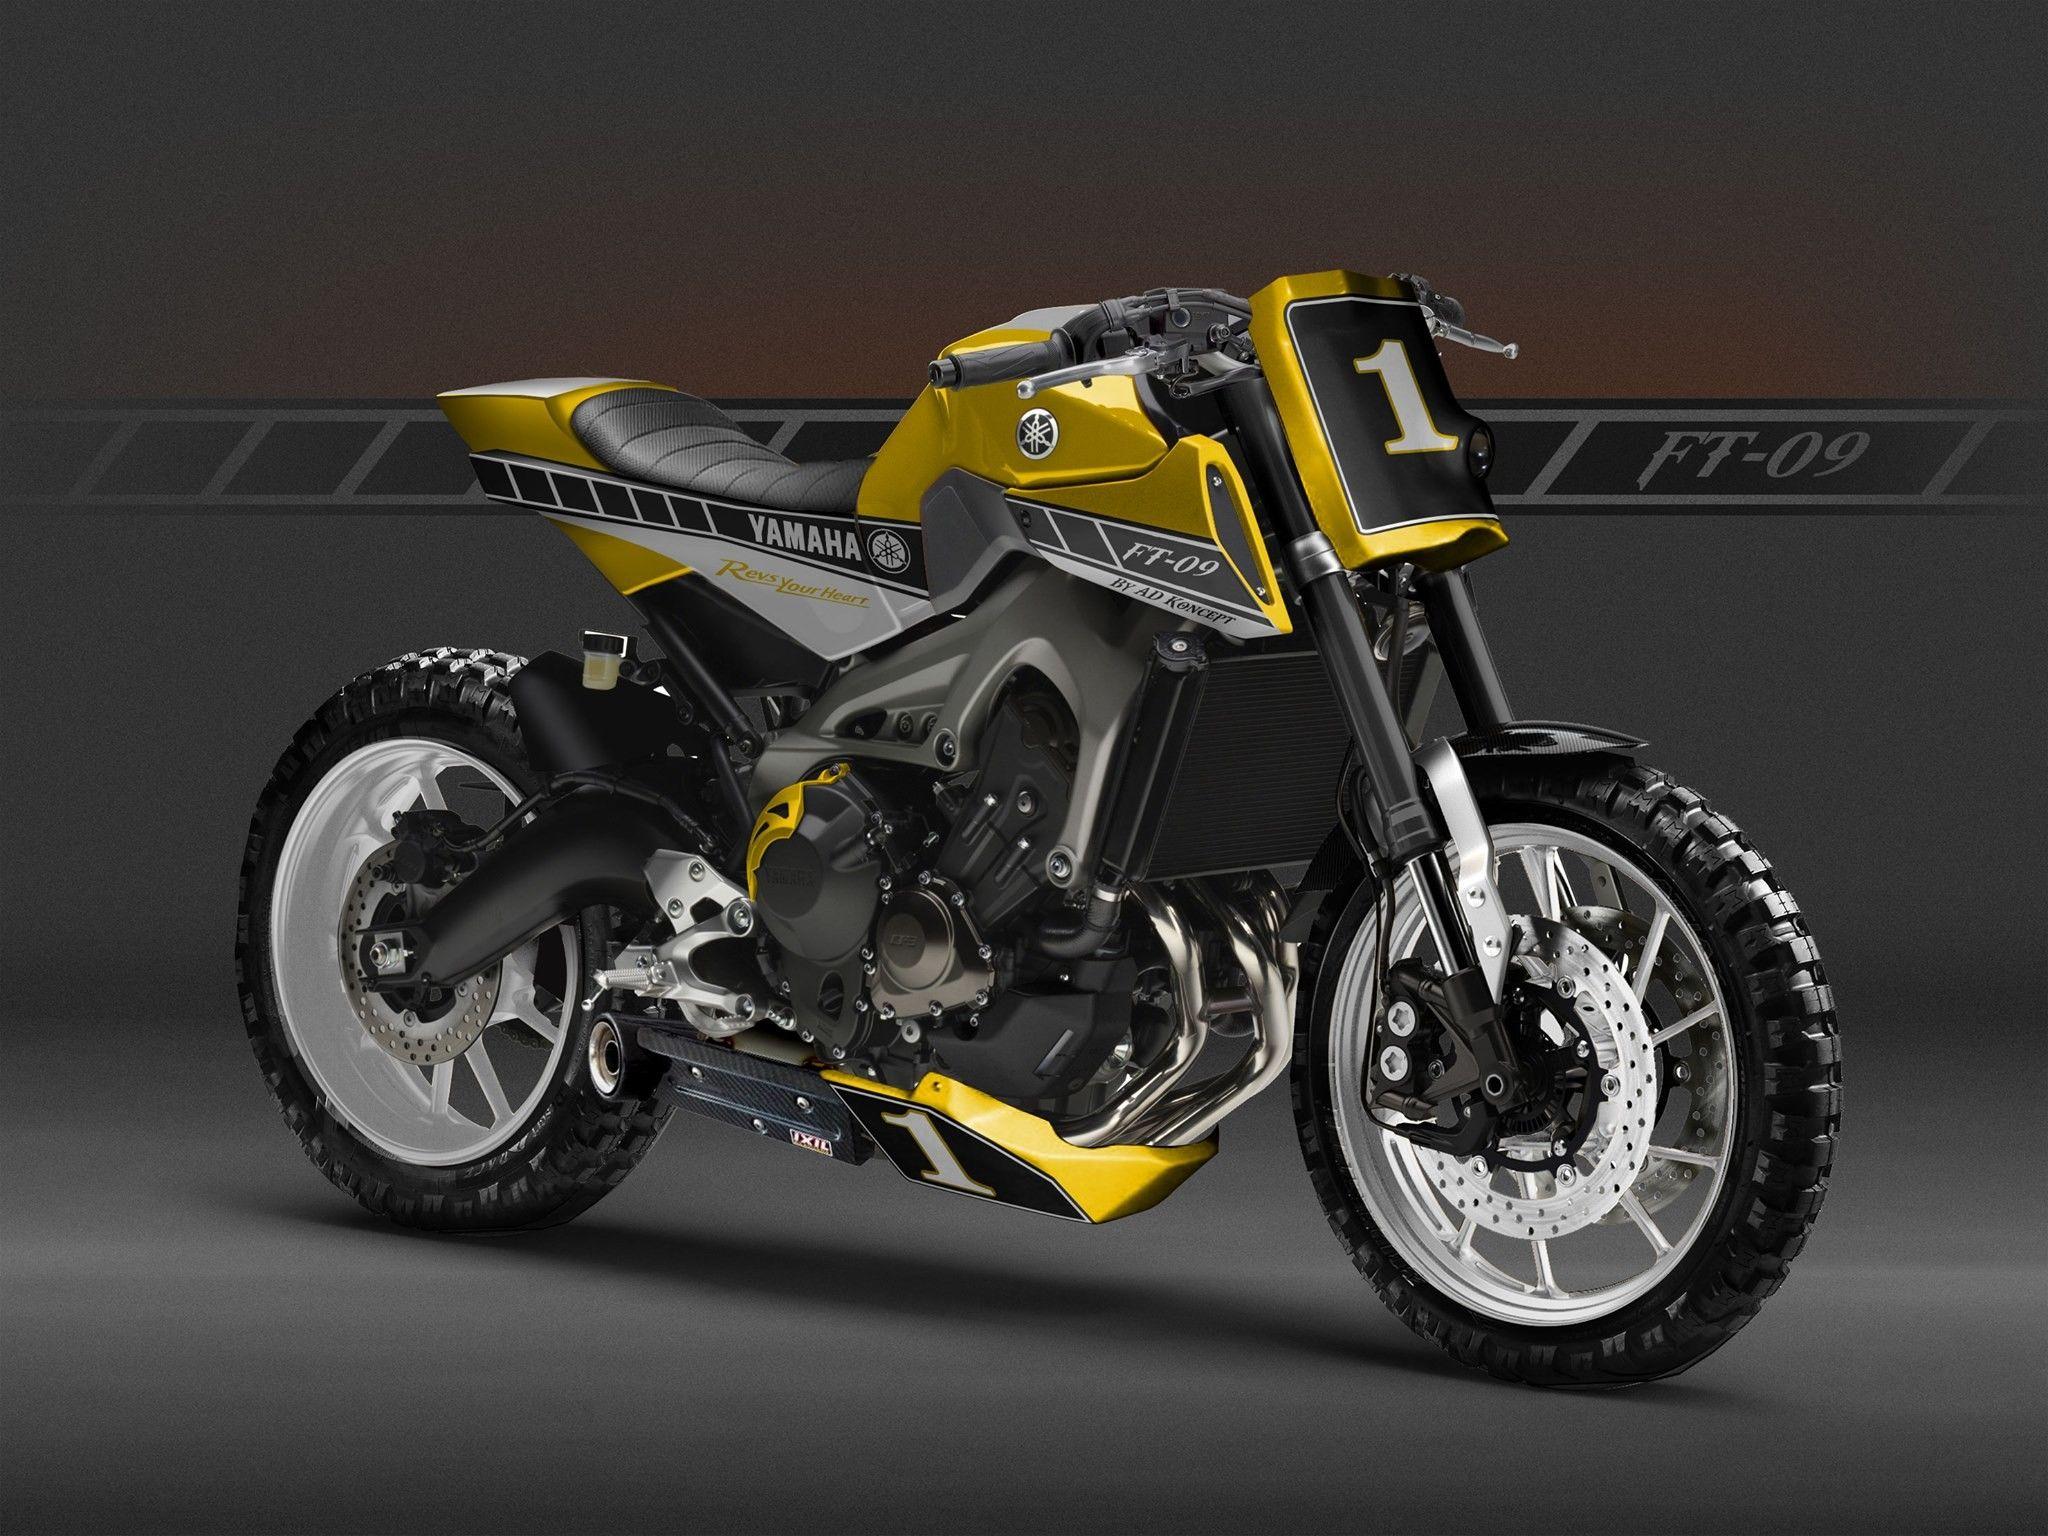 Custom 2006 yamaha fz6 streetfighter for sale on 2040 motos motos pinterest yamaha custom bikes and cars